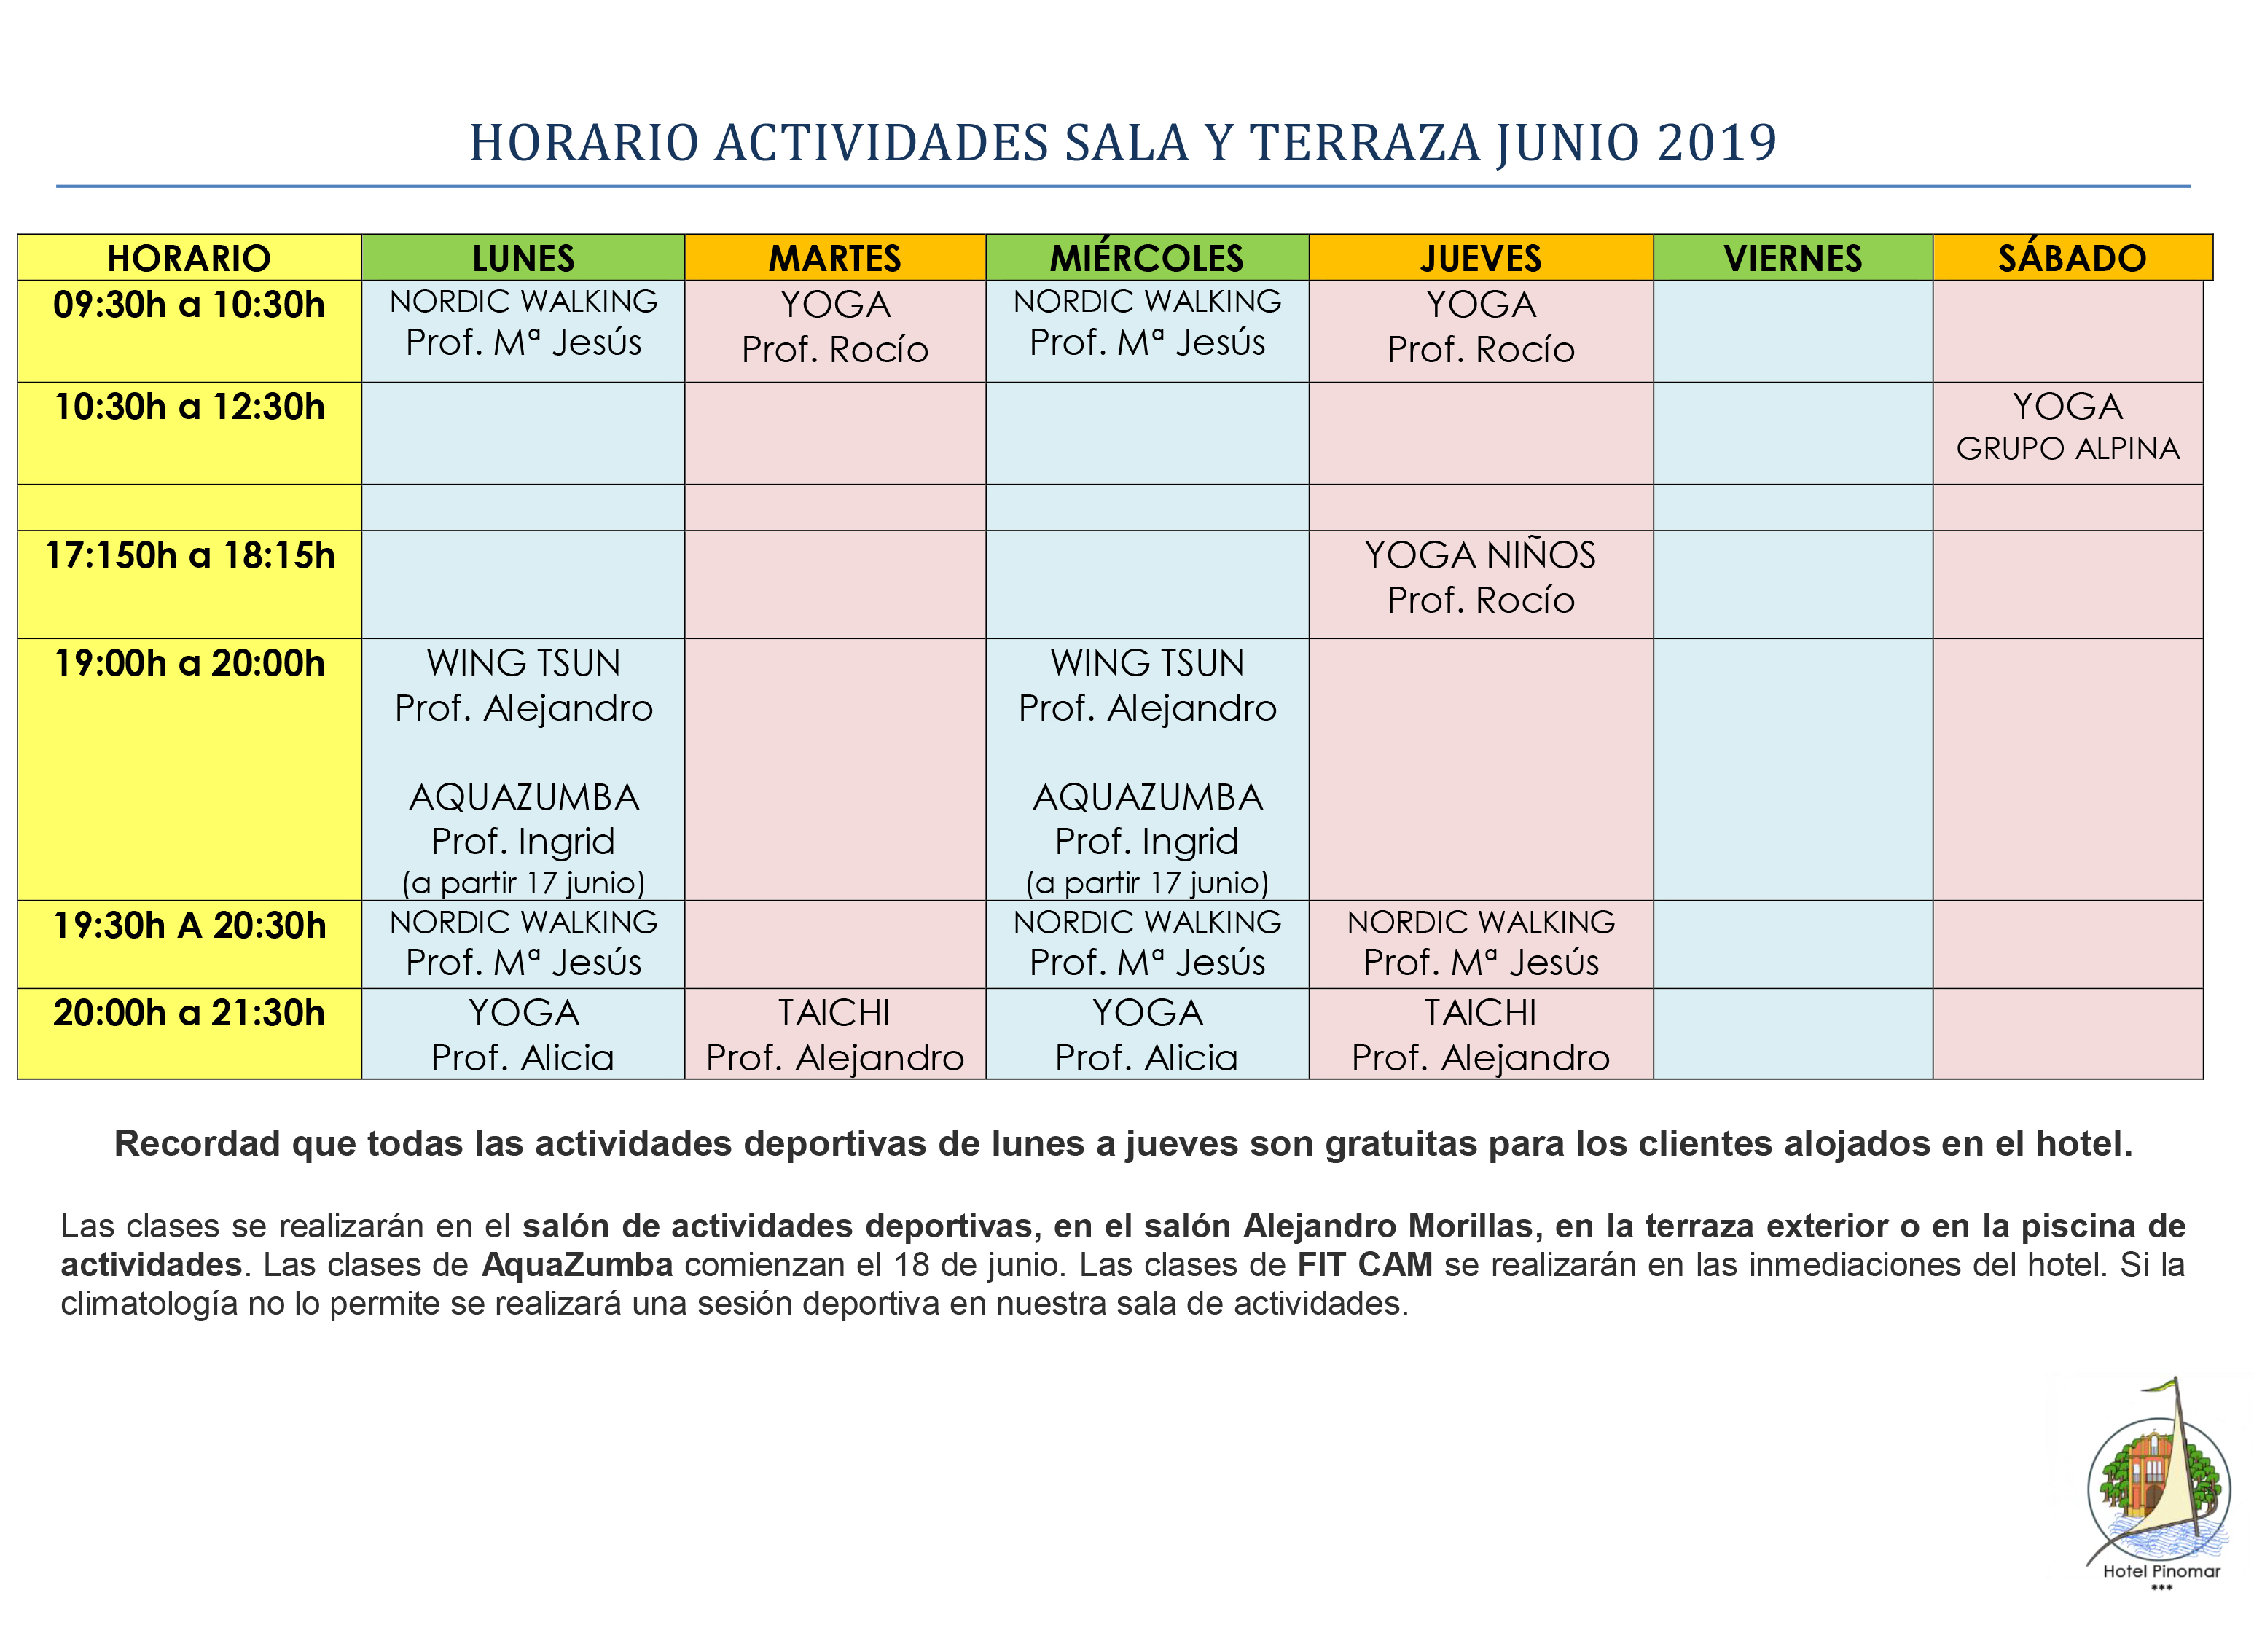 HORARIO ACTIVIDADES DIRIGIDAS JUNIO 2019